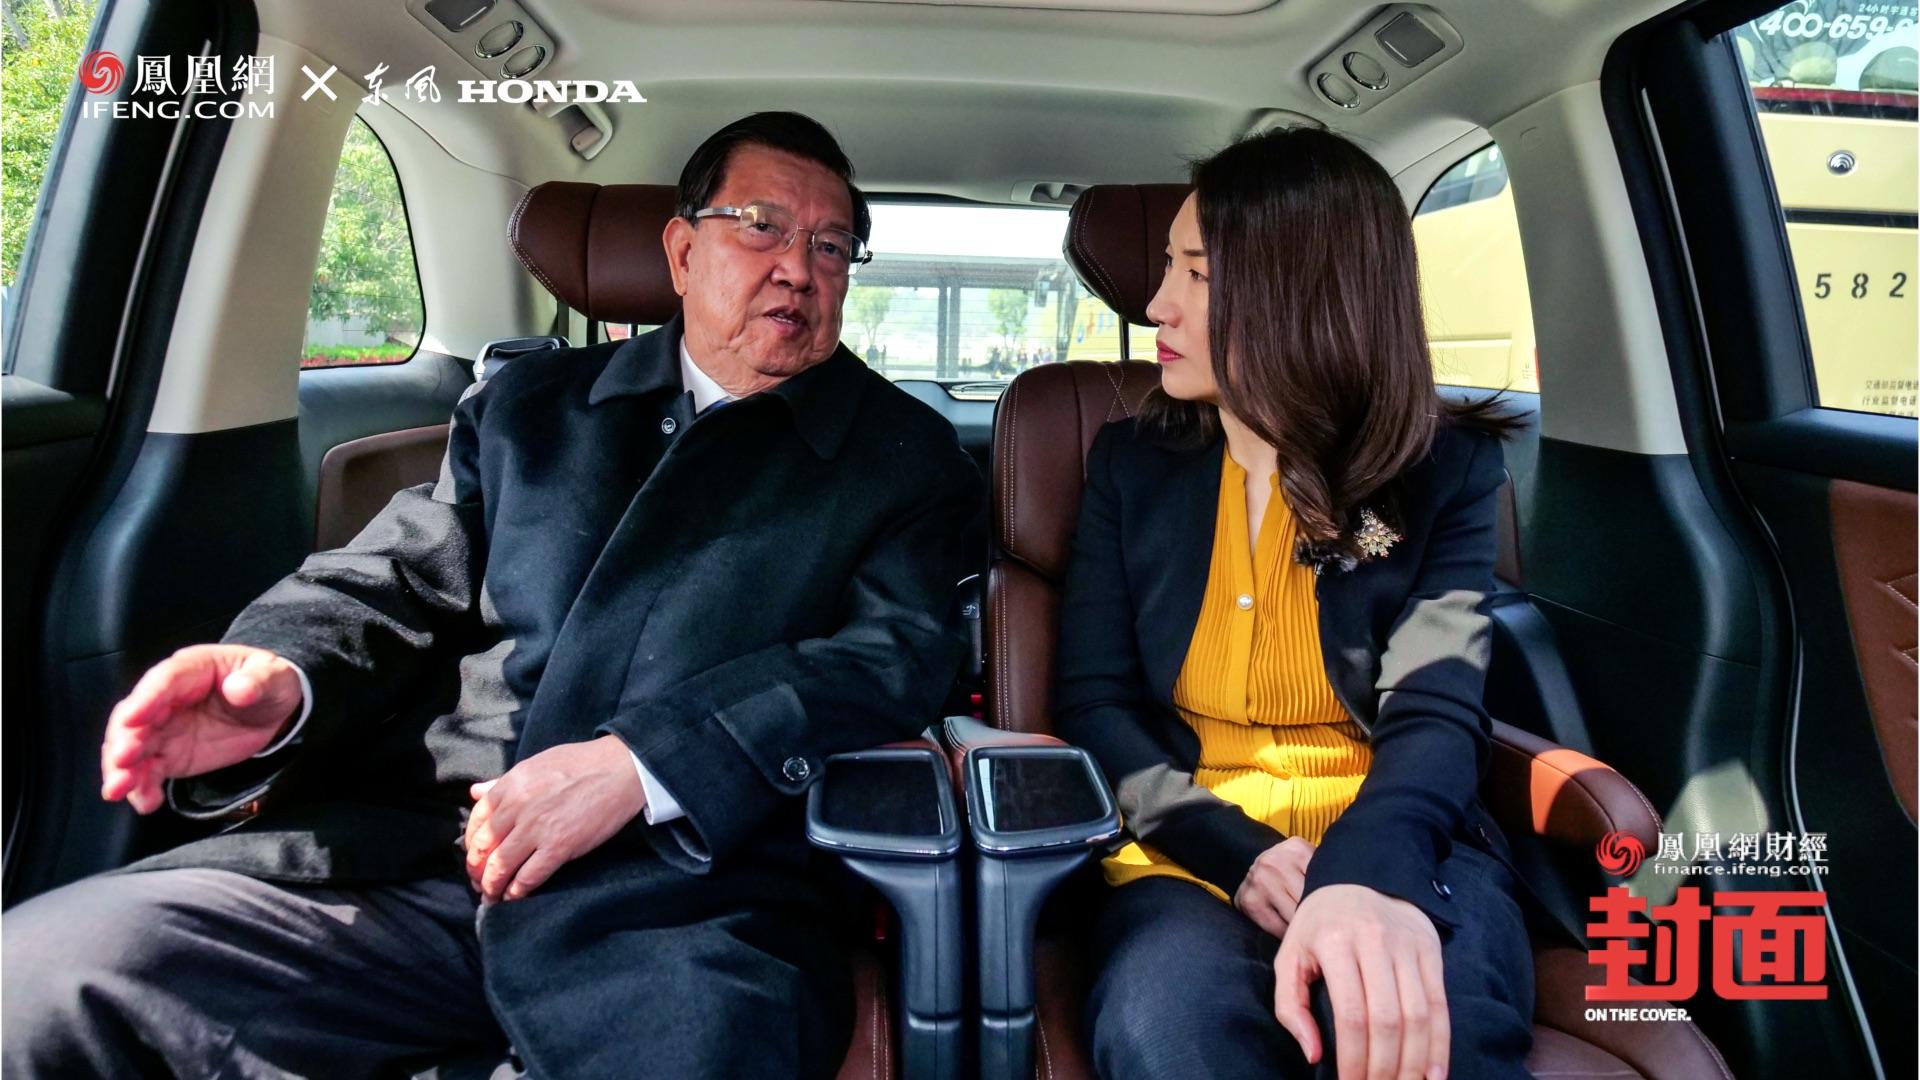 """龙永图:有些大企业缺乏做强的意识,总想到处收购""""小猪"""" 凤凰《封面》"""